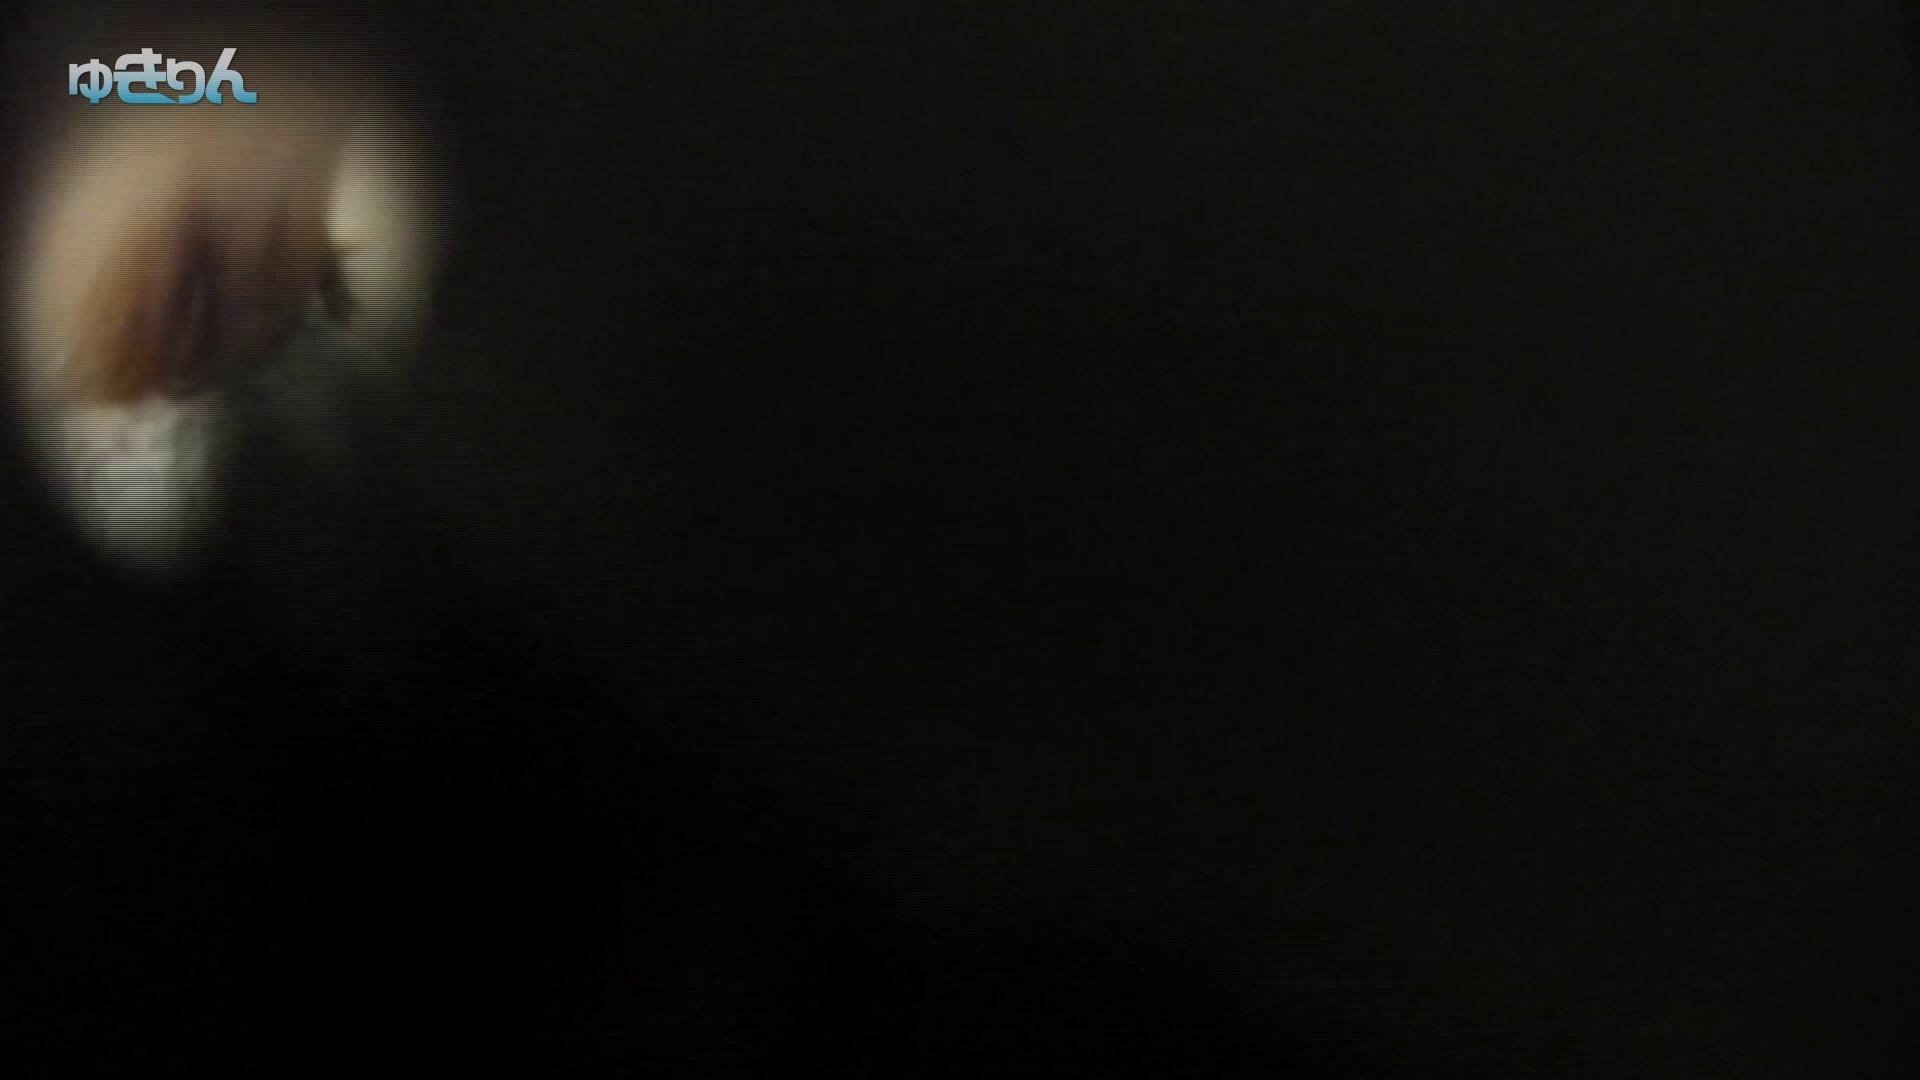 巨乳おまんこ:ステーション編 vol55 美脚登場:怪盗ジョーカー